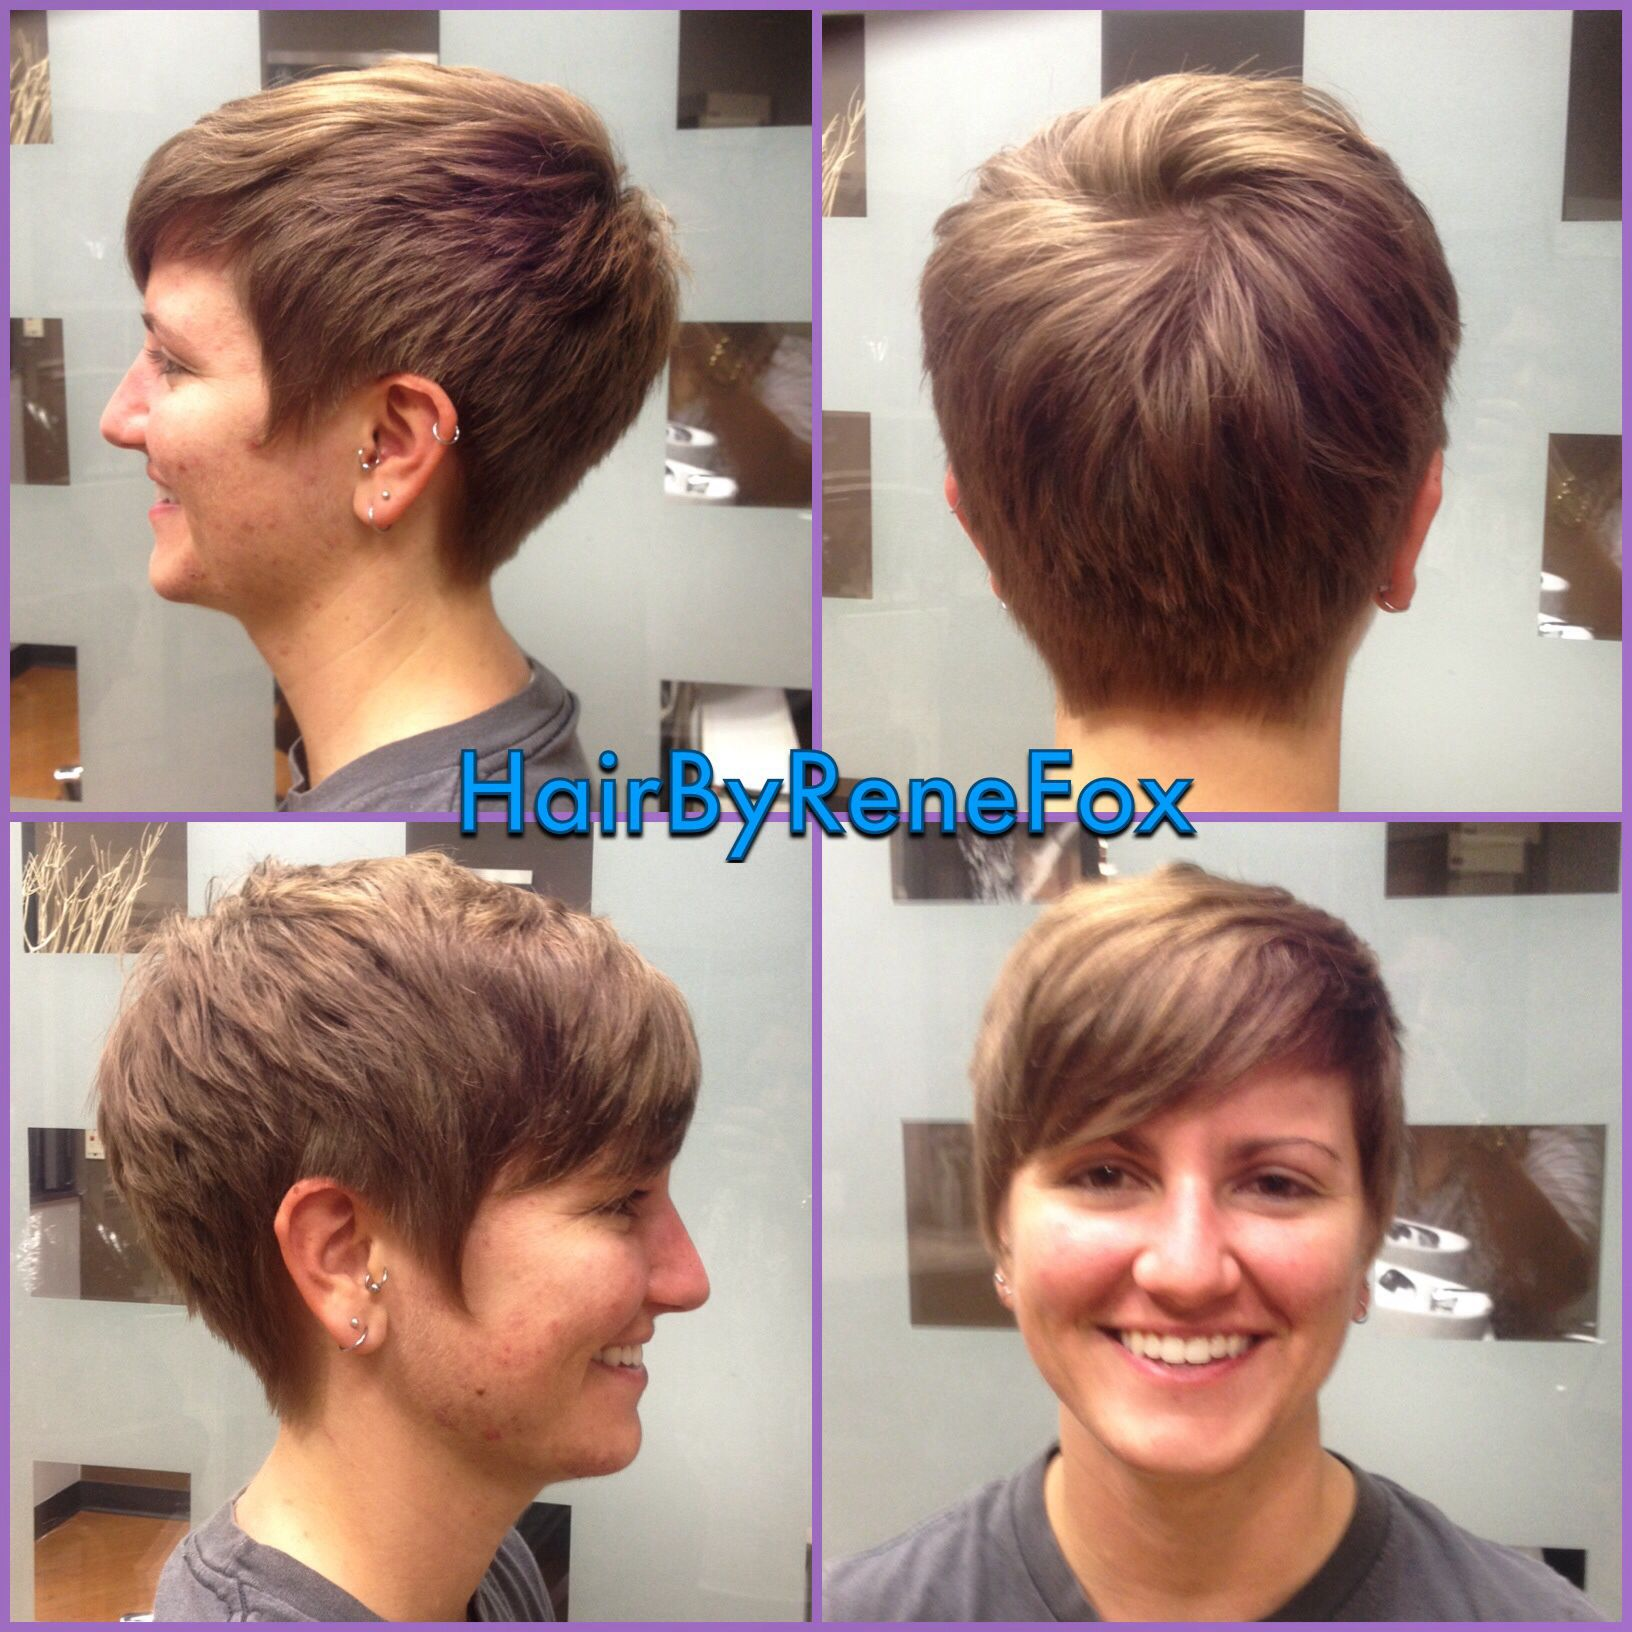 hair cut, short hair, pixie cut, hair, paul mitchell. follow